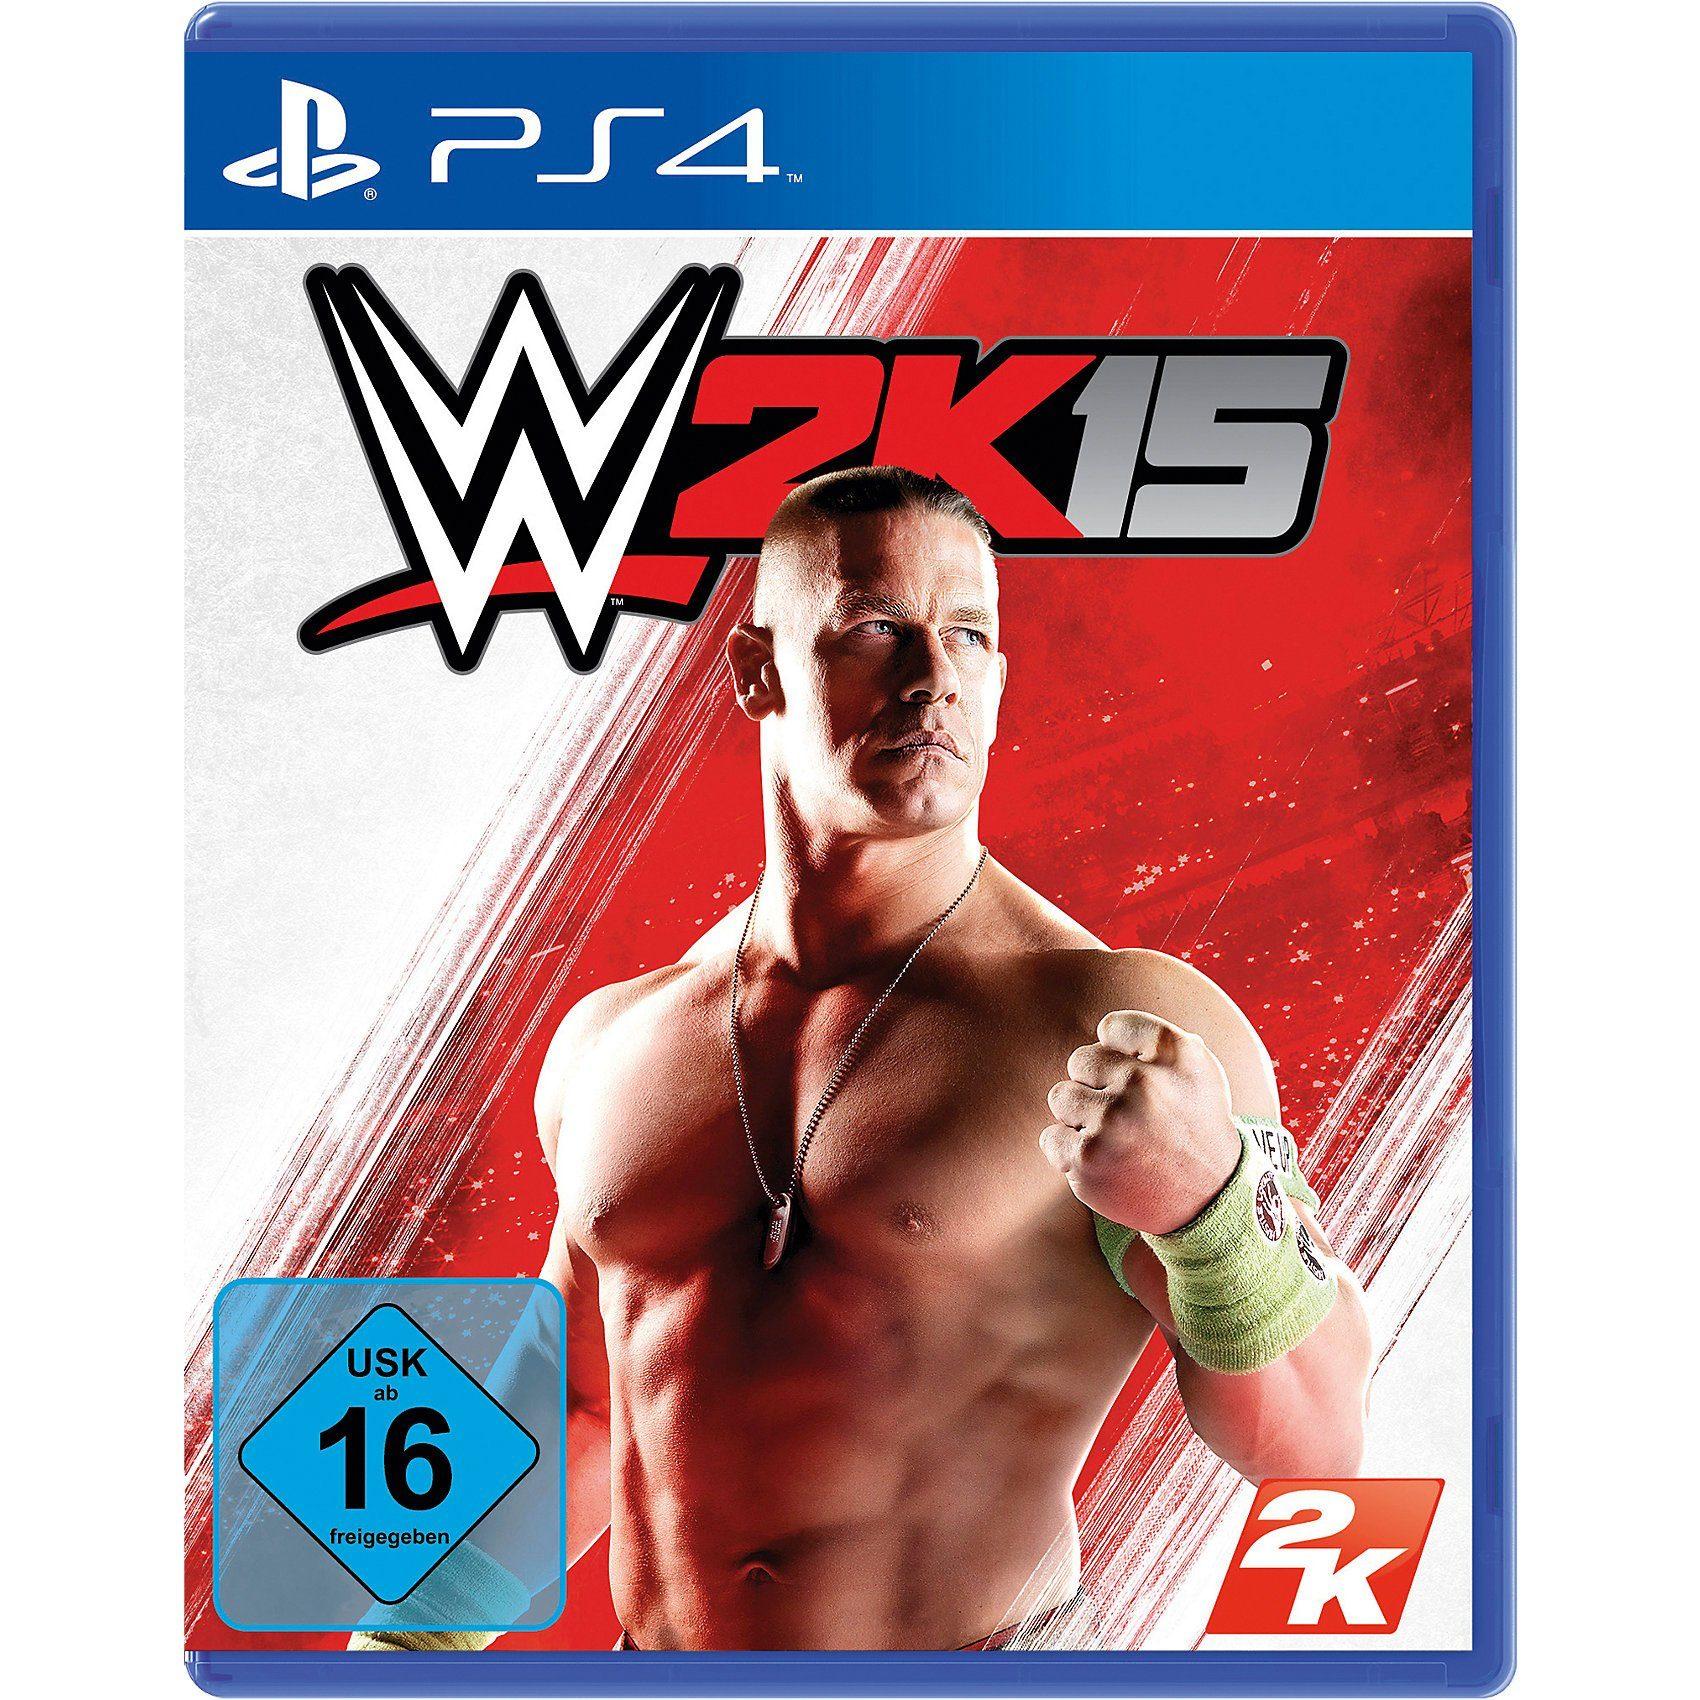 ak tronic PS4 WWE 2K15